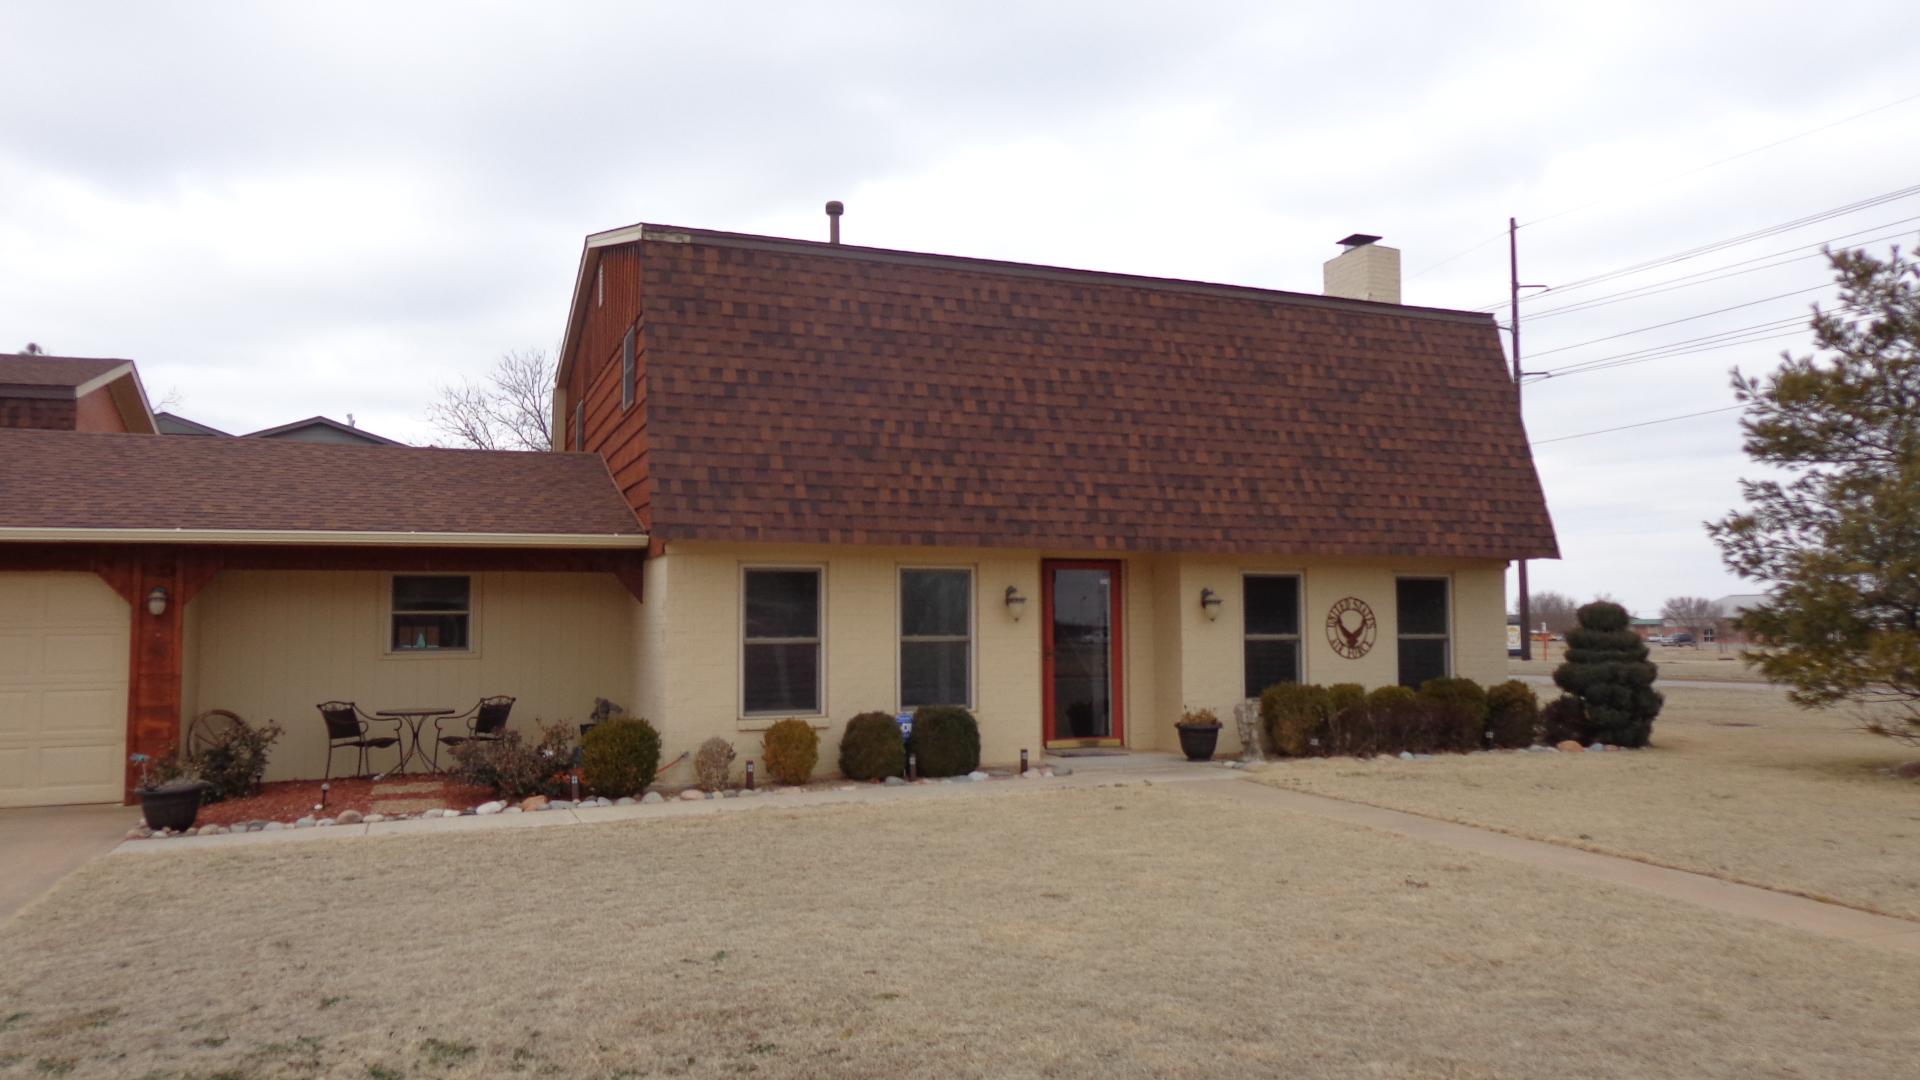 2701 N Robin St, Altus, Oklahoma 73521